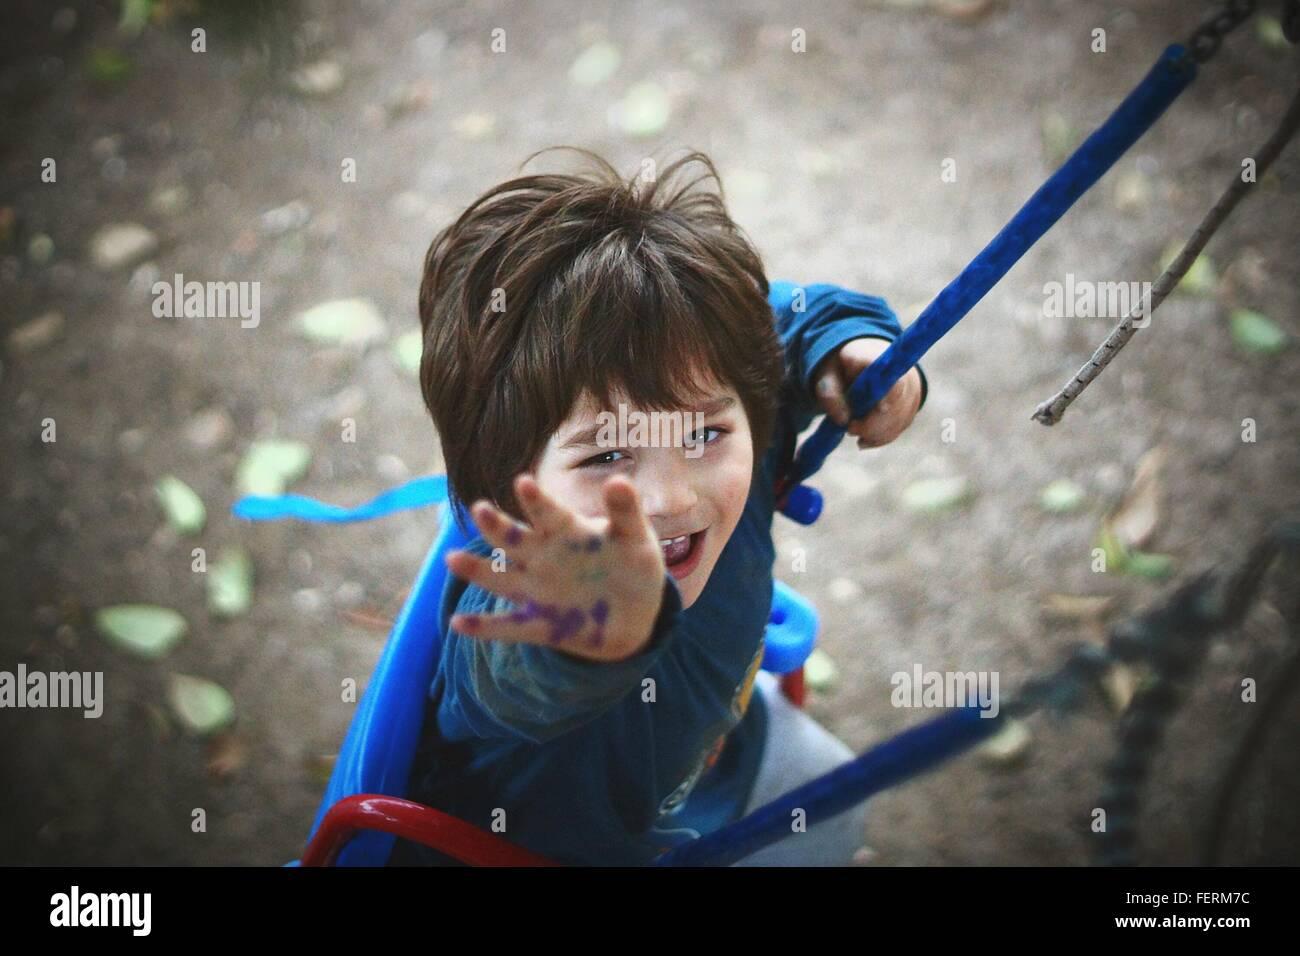 Portrait Of Boy Enjoying Swing In Park - Stock Image